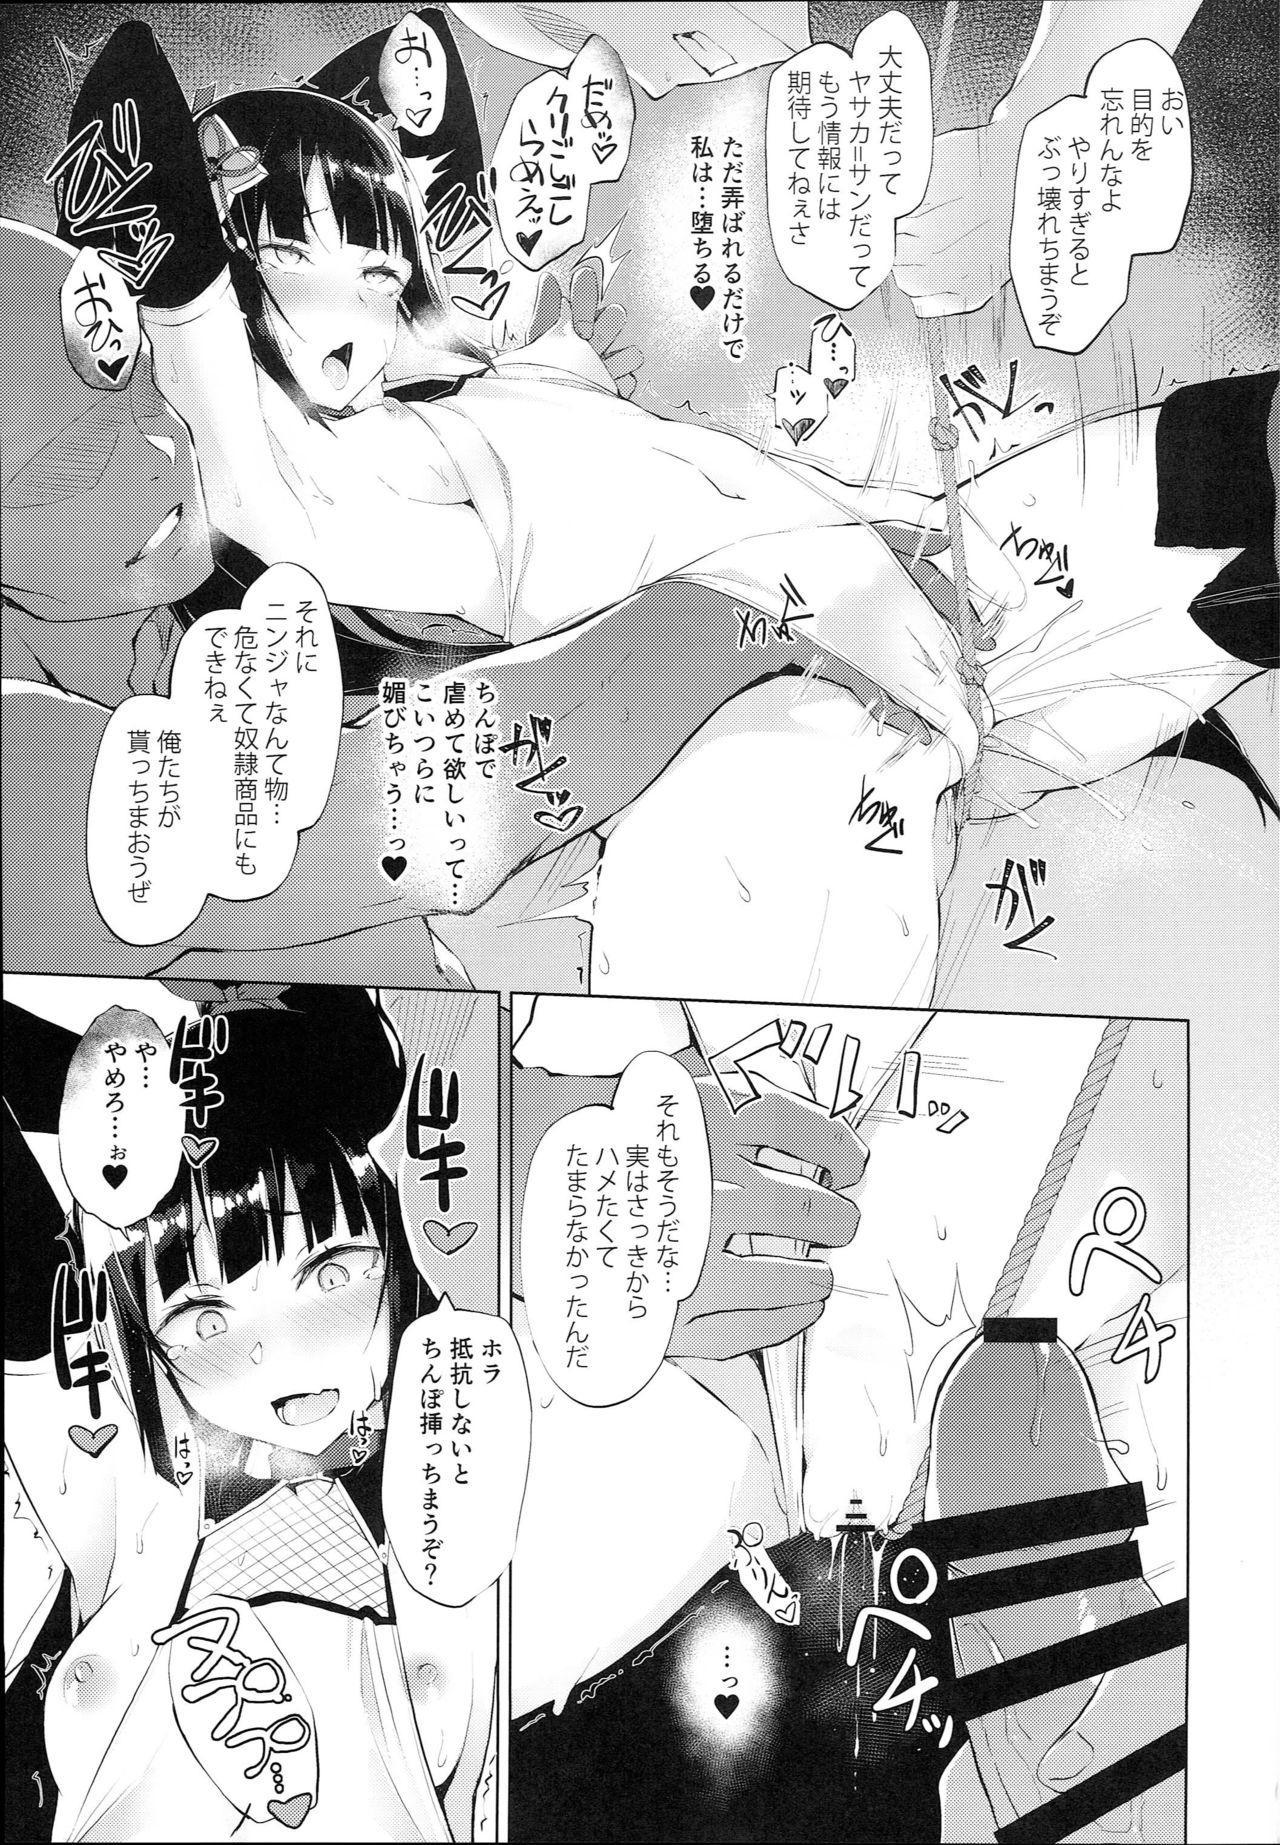 Ingoku no Hana 20